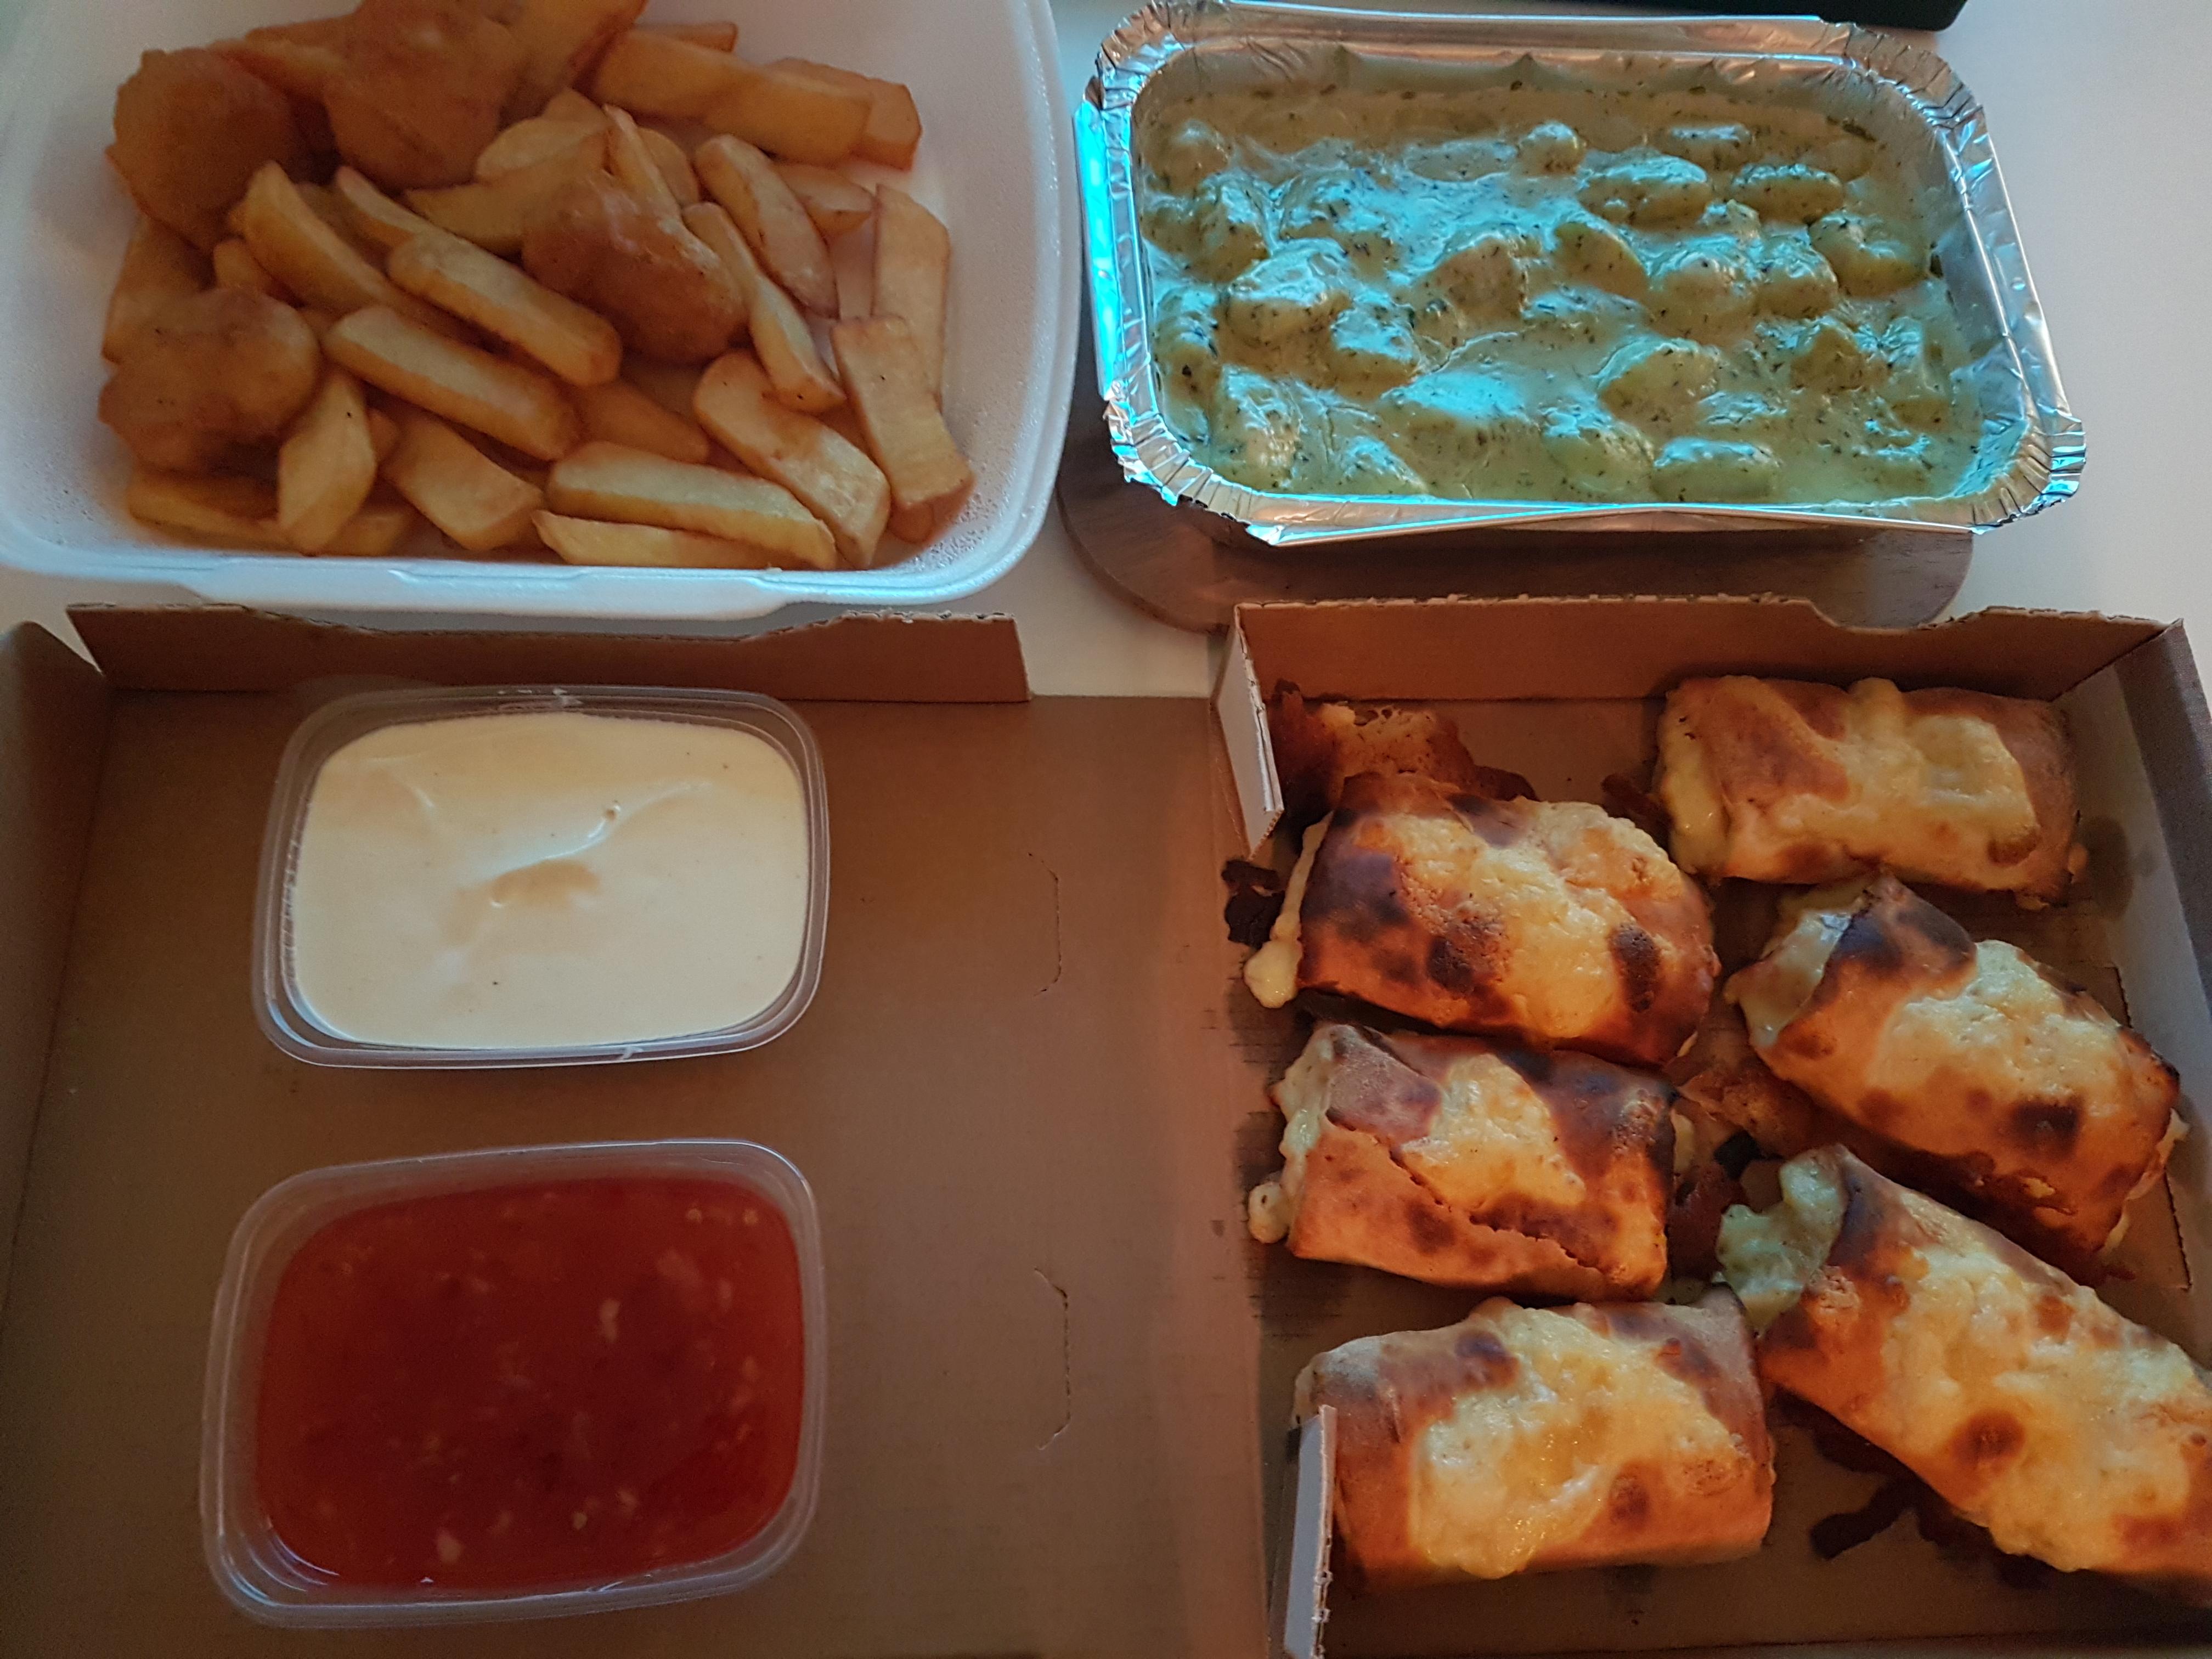 https://foodloader.net/Holz_2019-03-07_Gnocci_und_Pizzabroetchen.jpg